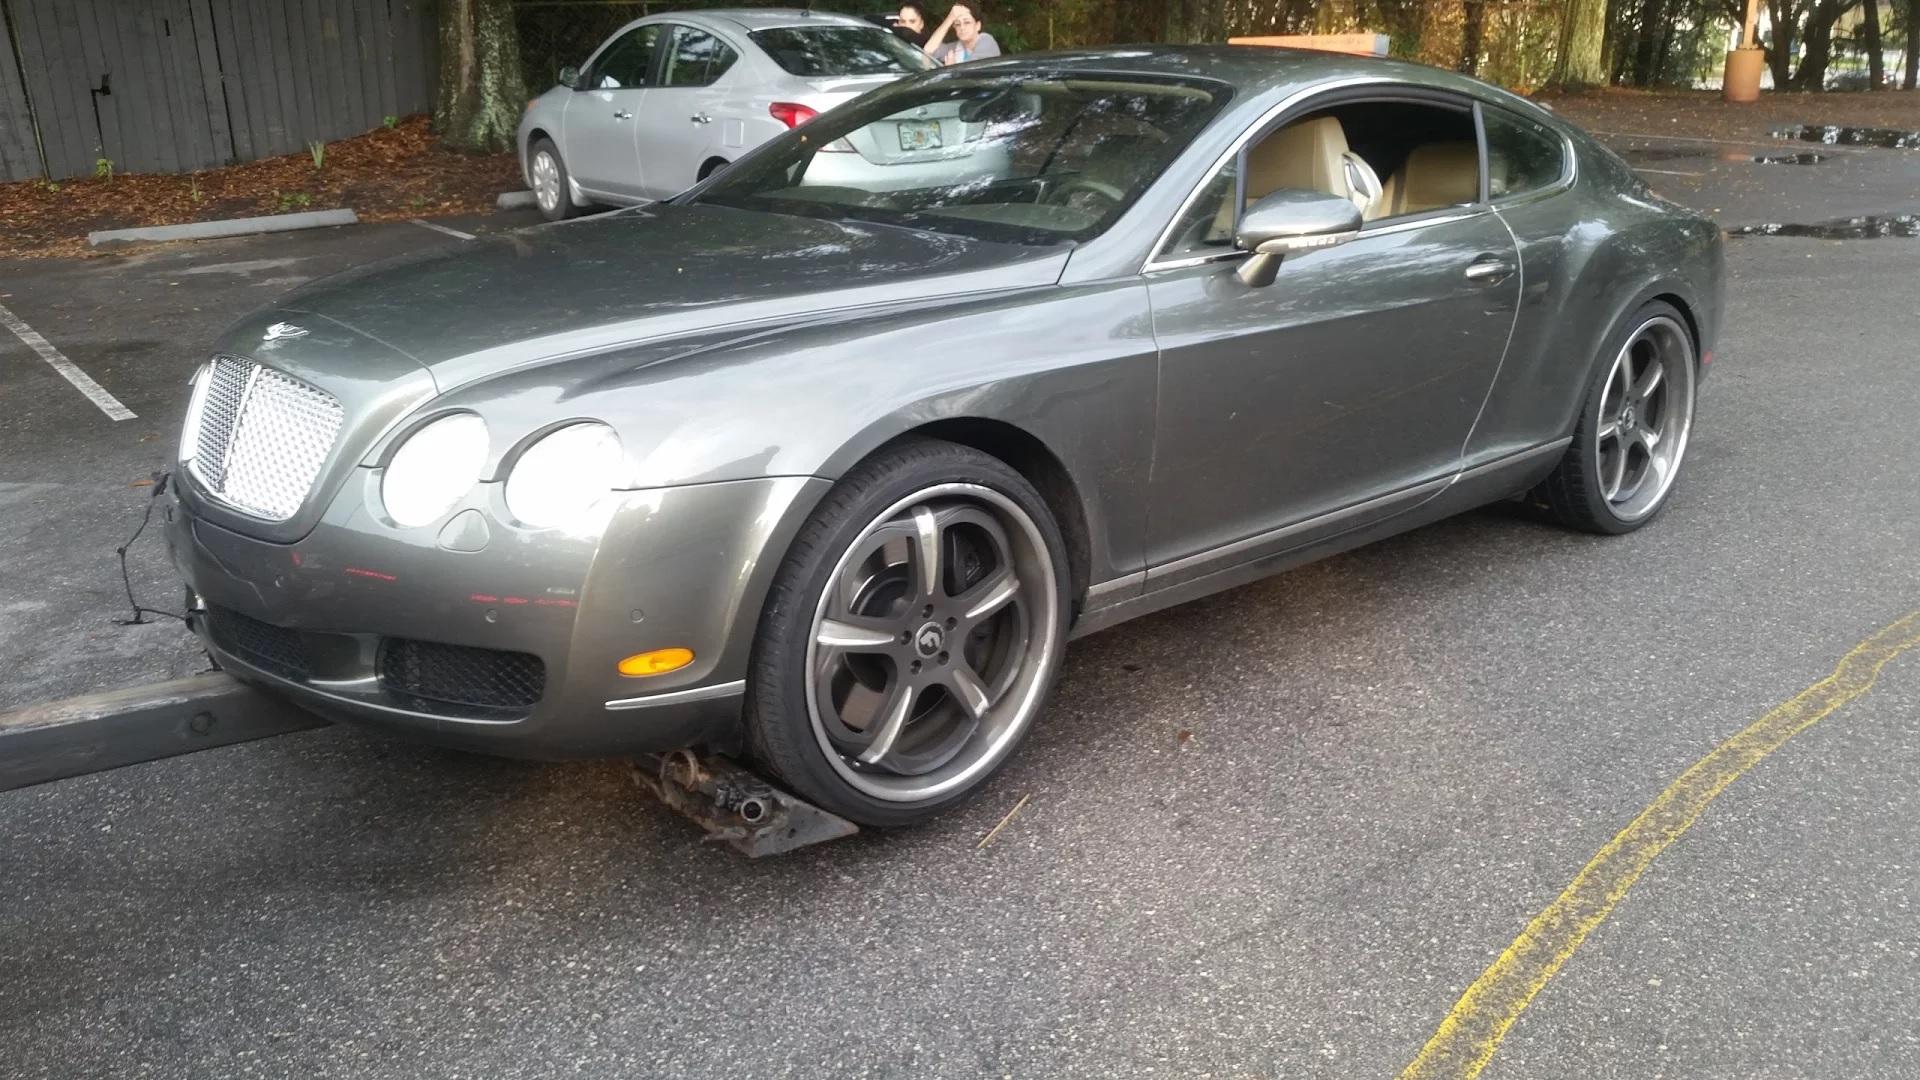 2006 Bentley, yeah, we get those too